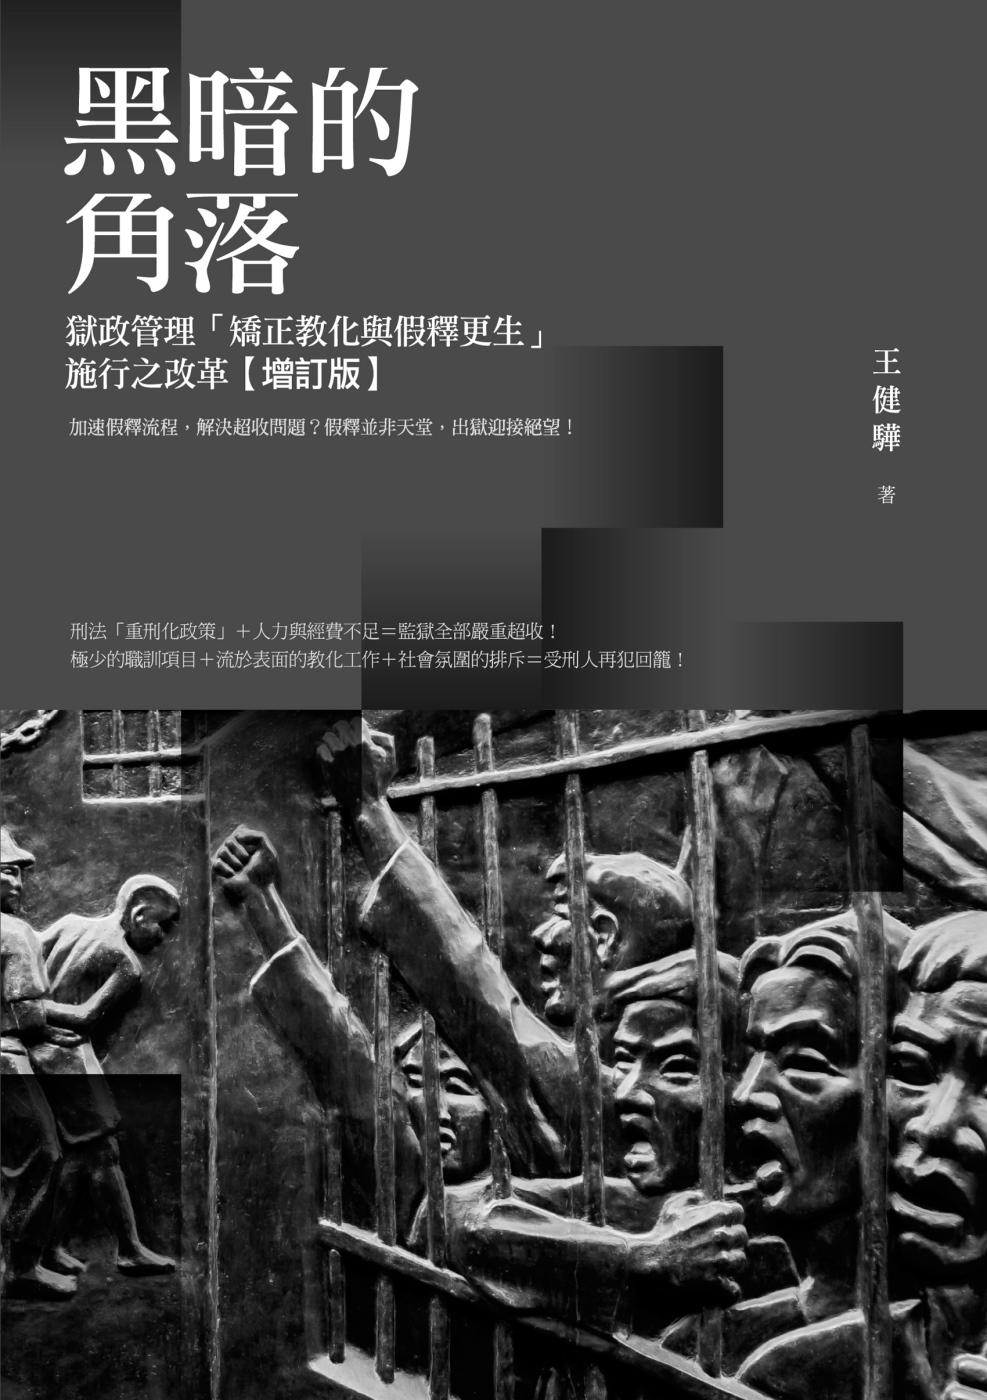 黑暗的角落:獄政管理「矯正教化與假釋更生」施行之改革【增訂版】